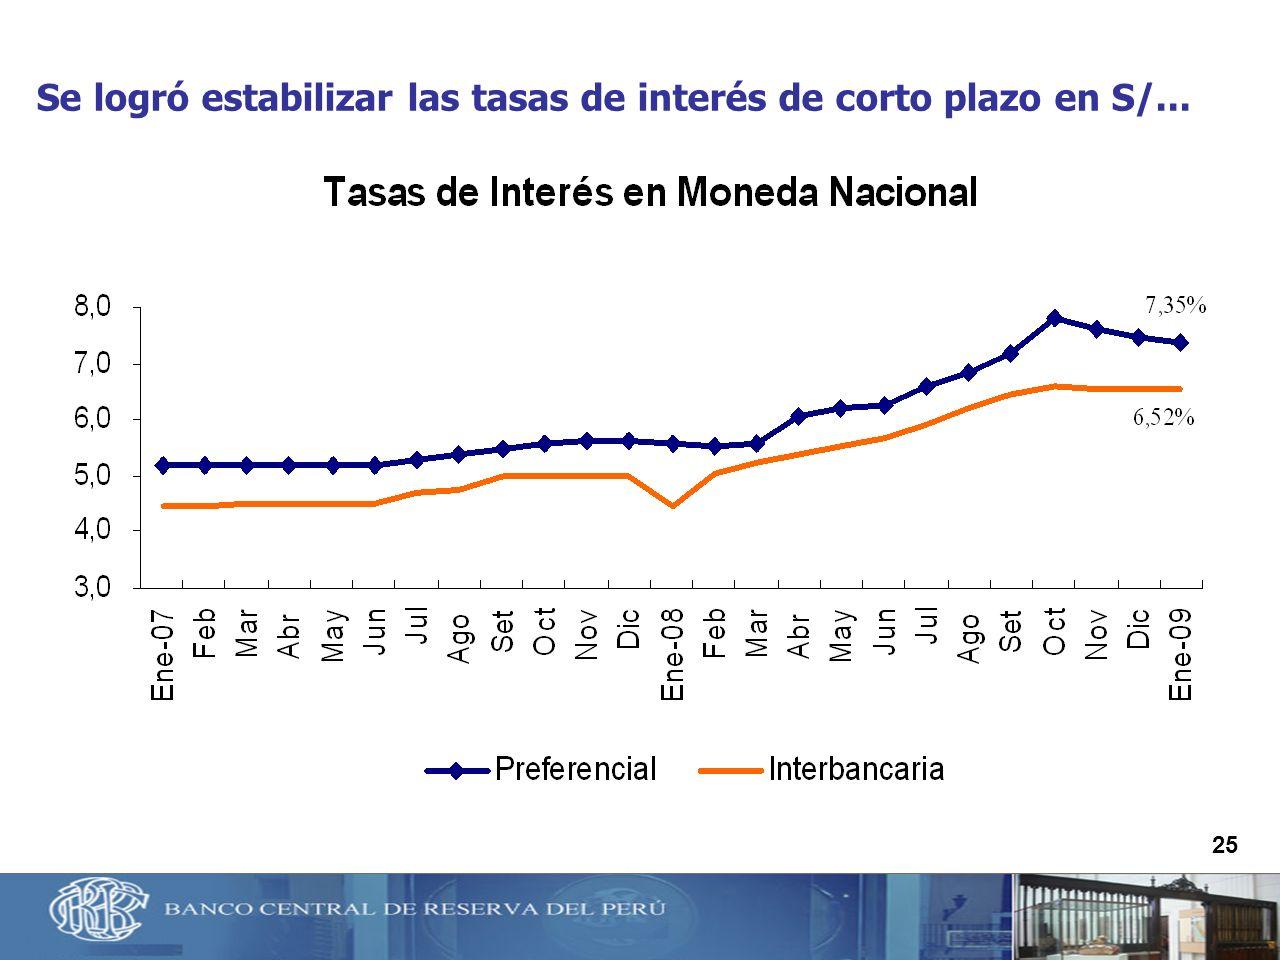 Se logró estabilizar las tasas de interés de corto plazo en S/...